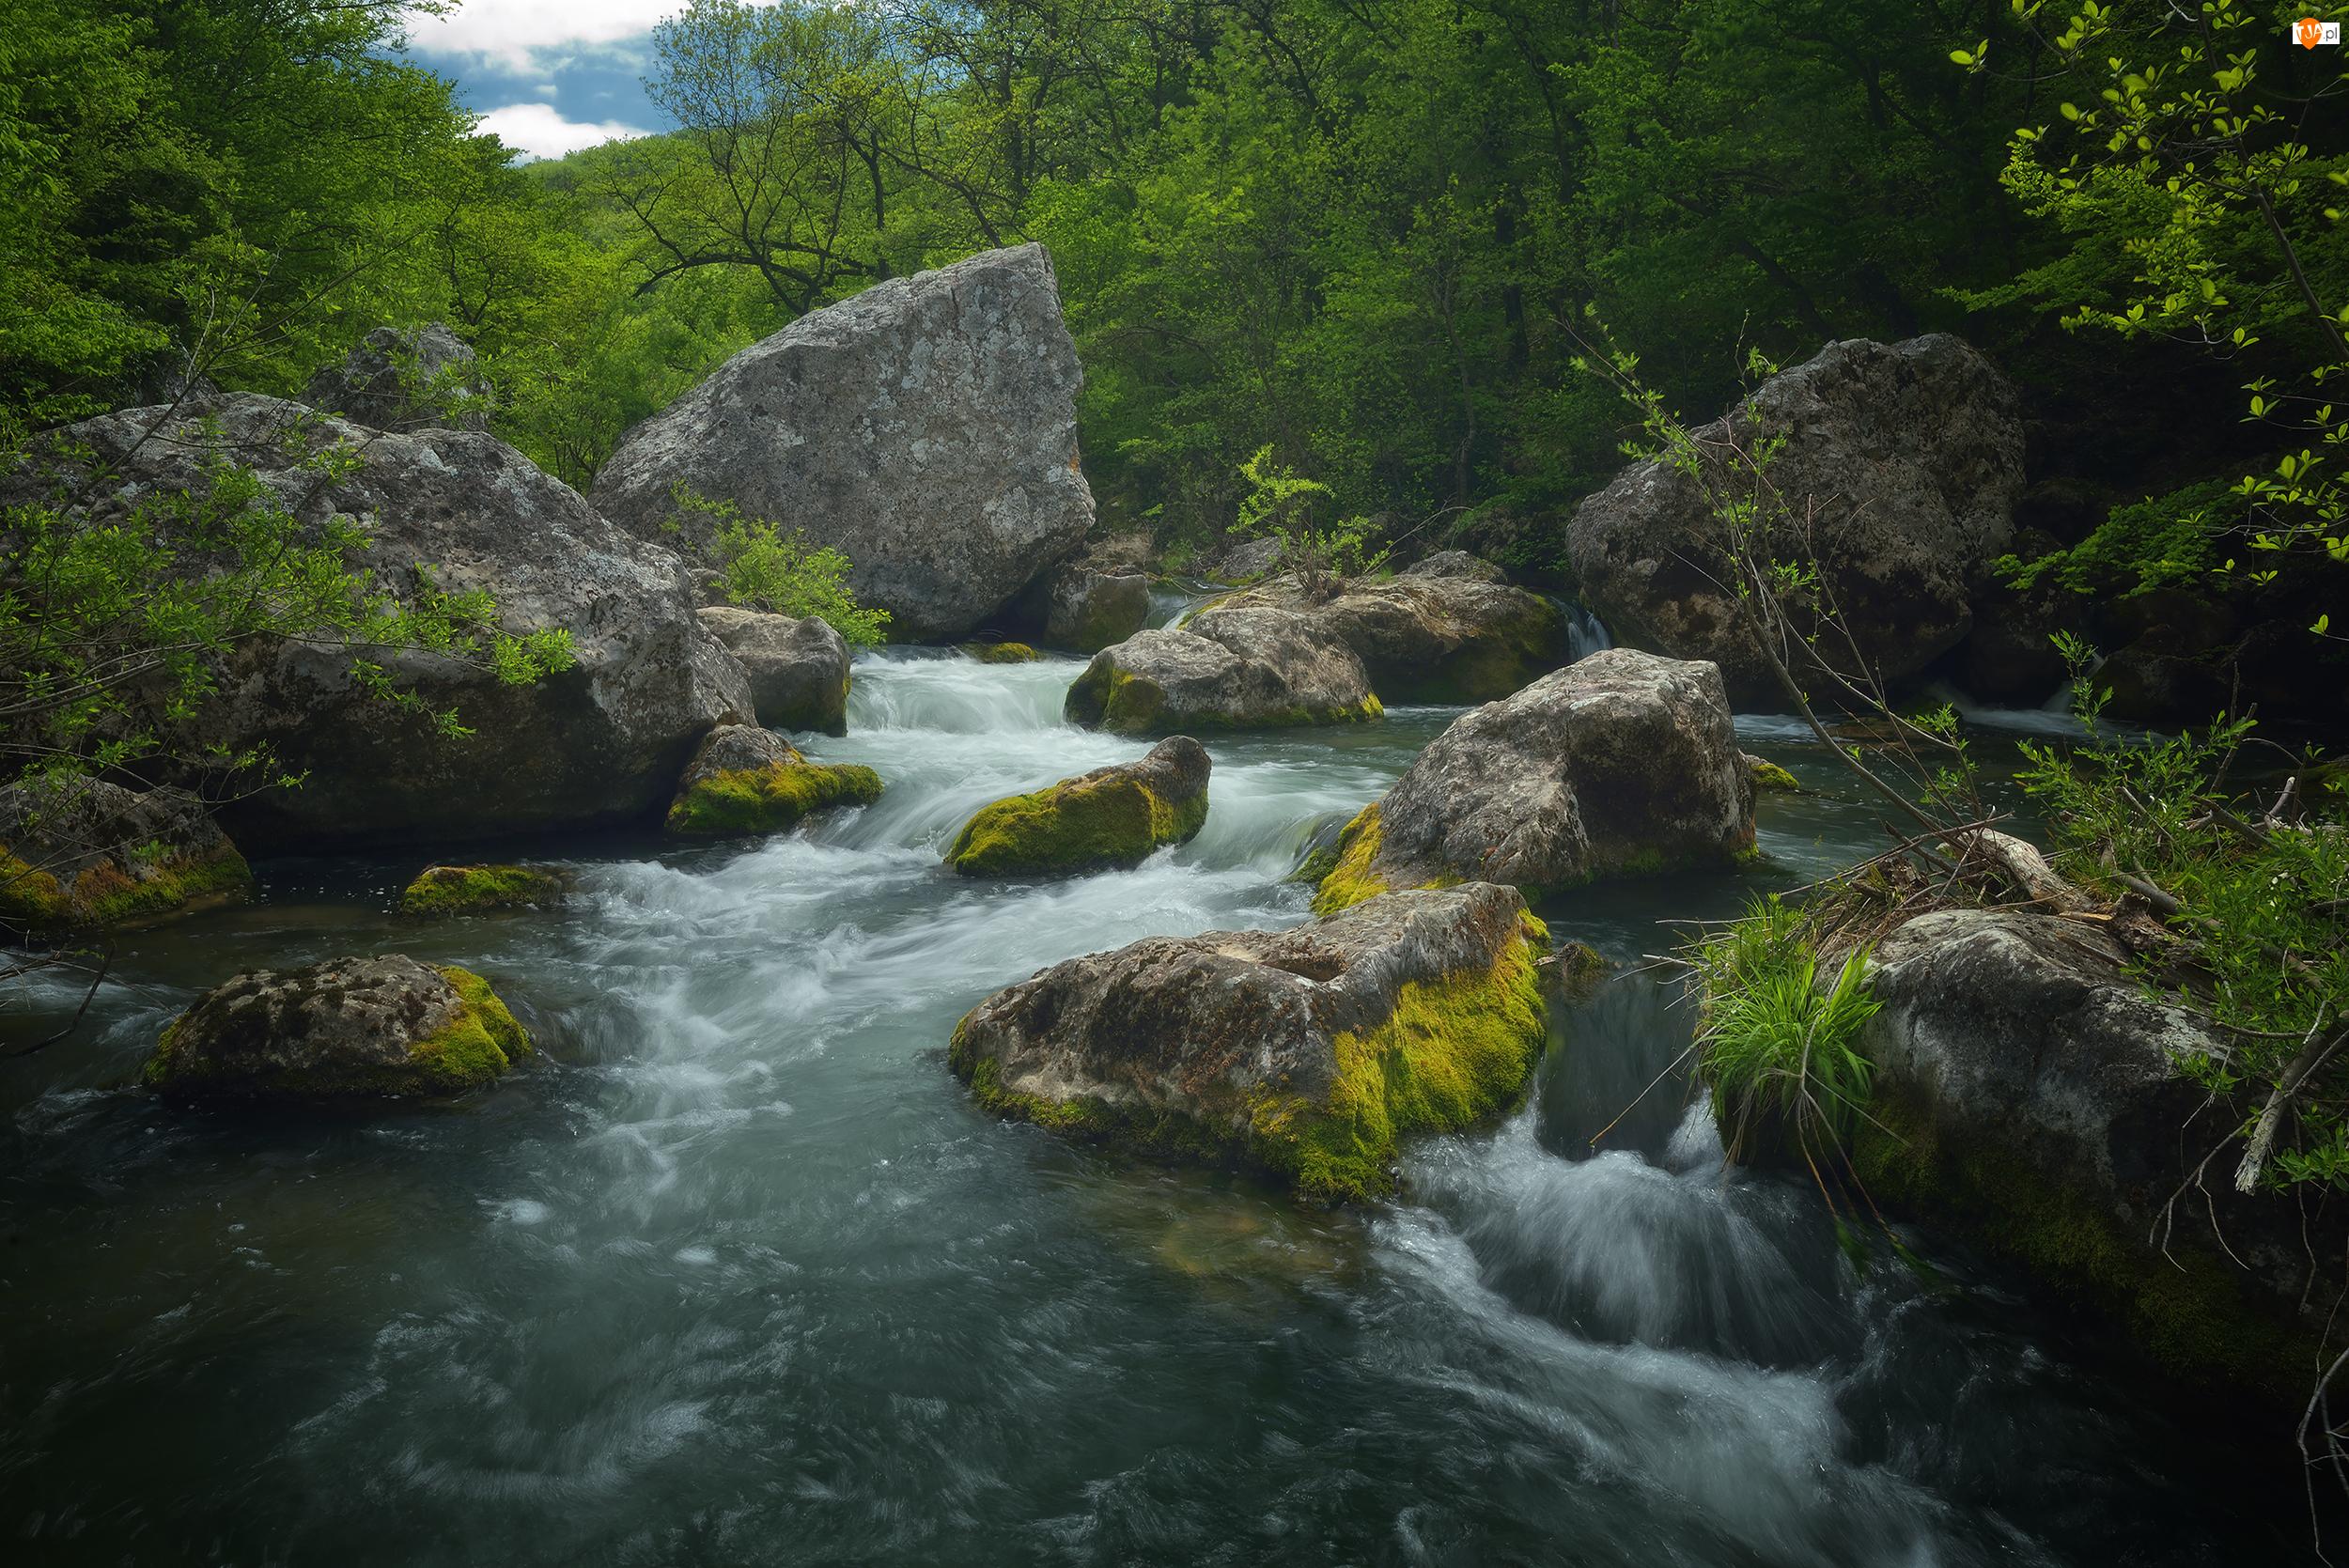 Kamienie, Rzeka Czorna, Drzewa, Krym, Mech, Dolina Bajdarska